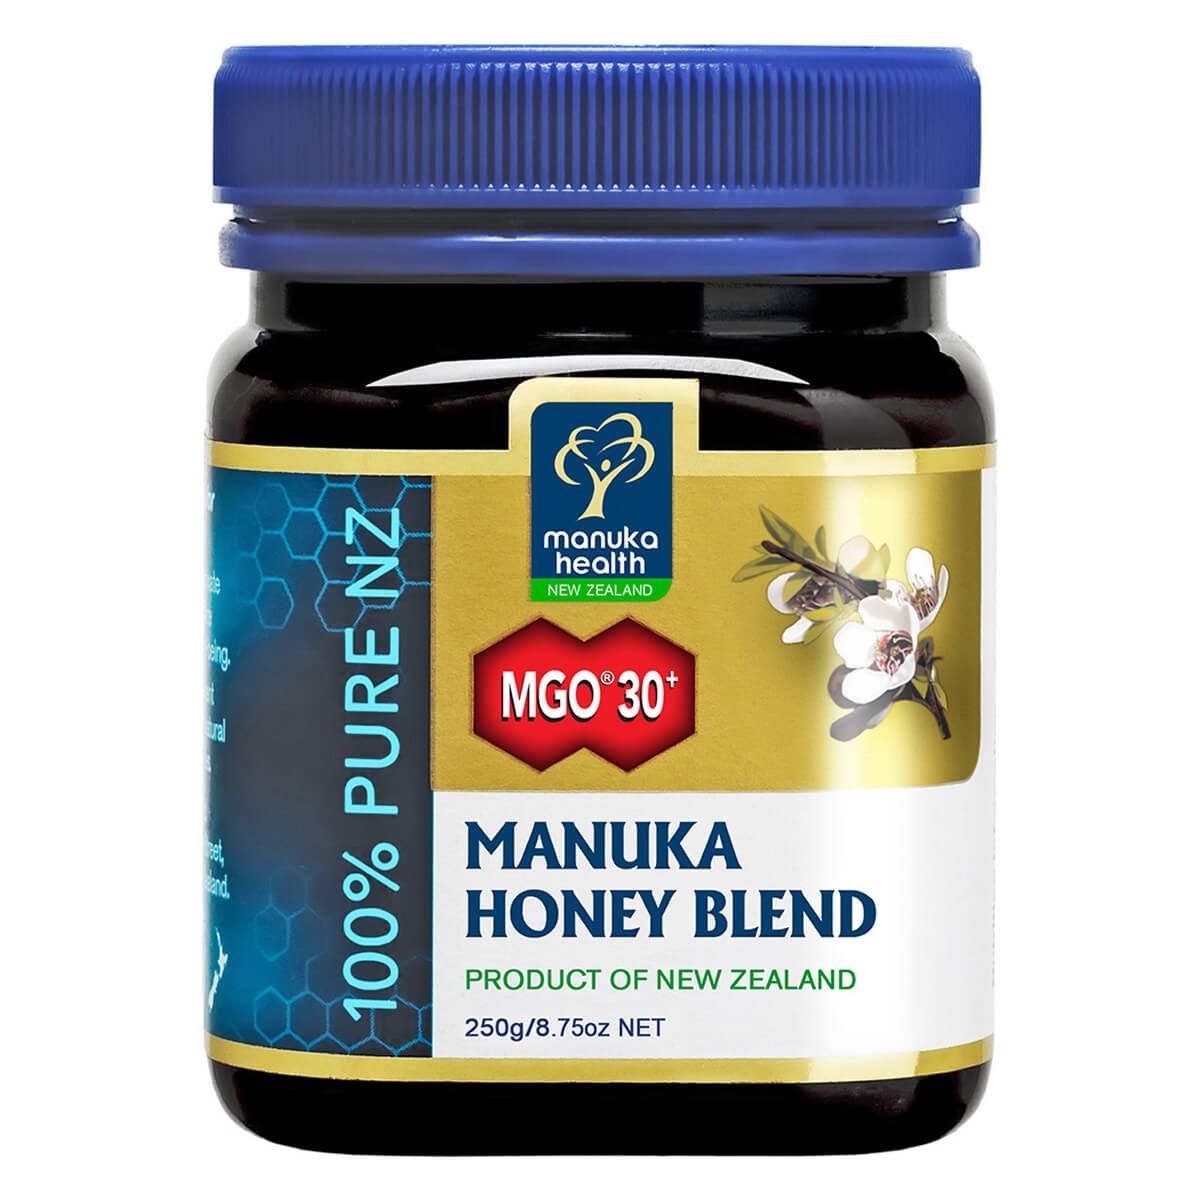 Manuka Health Manuka Honey Blend MGO30+